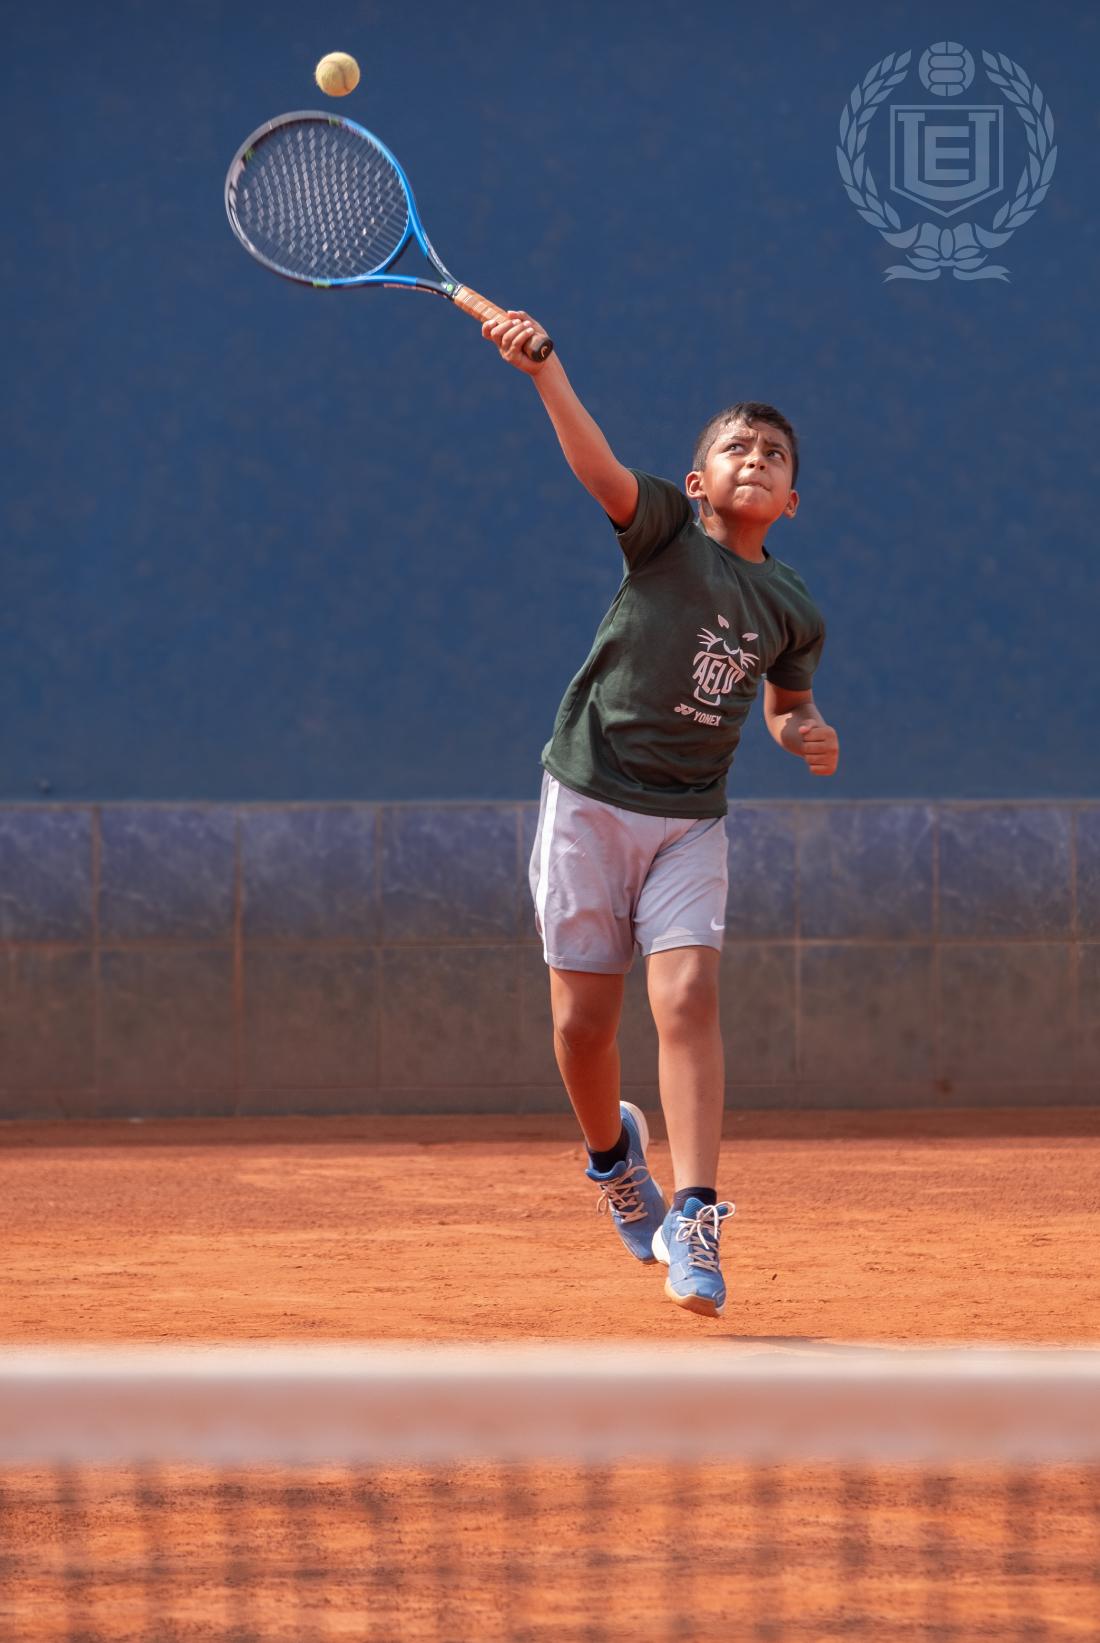 tenis-campo02